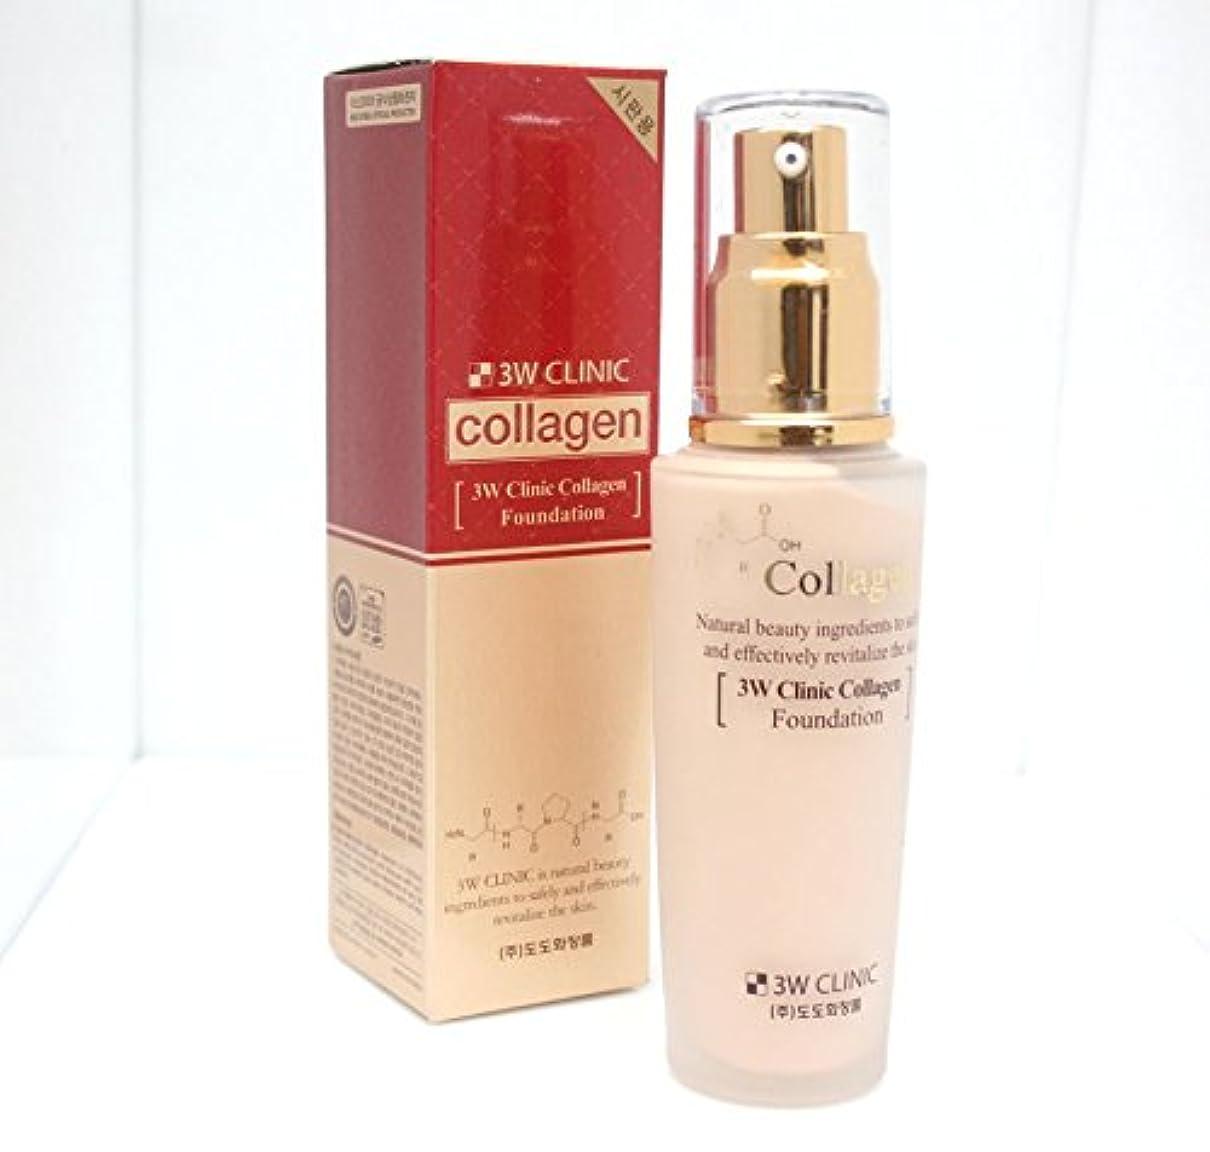 カヌー生命体処分した[3w Clinic]  コラーゲンファンデーション50ml / Collagen Foundation 50ml/ パーフェクトカバーBBクリーム / 21クリアベージュ / Perfect Cover BB Cream...